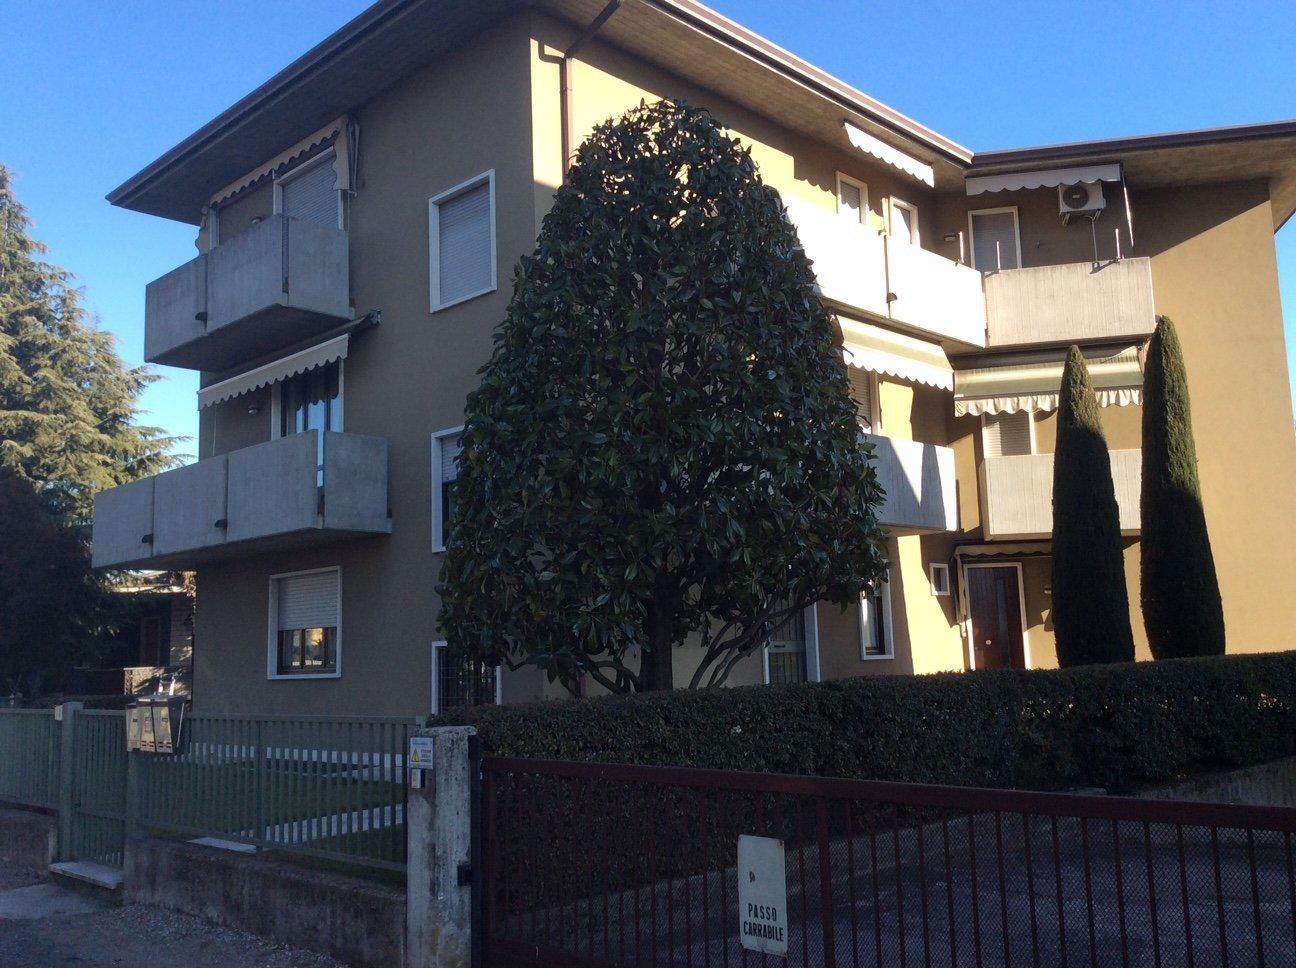 palazzo beige con albero davanti